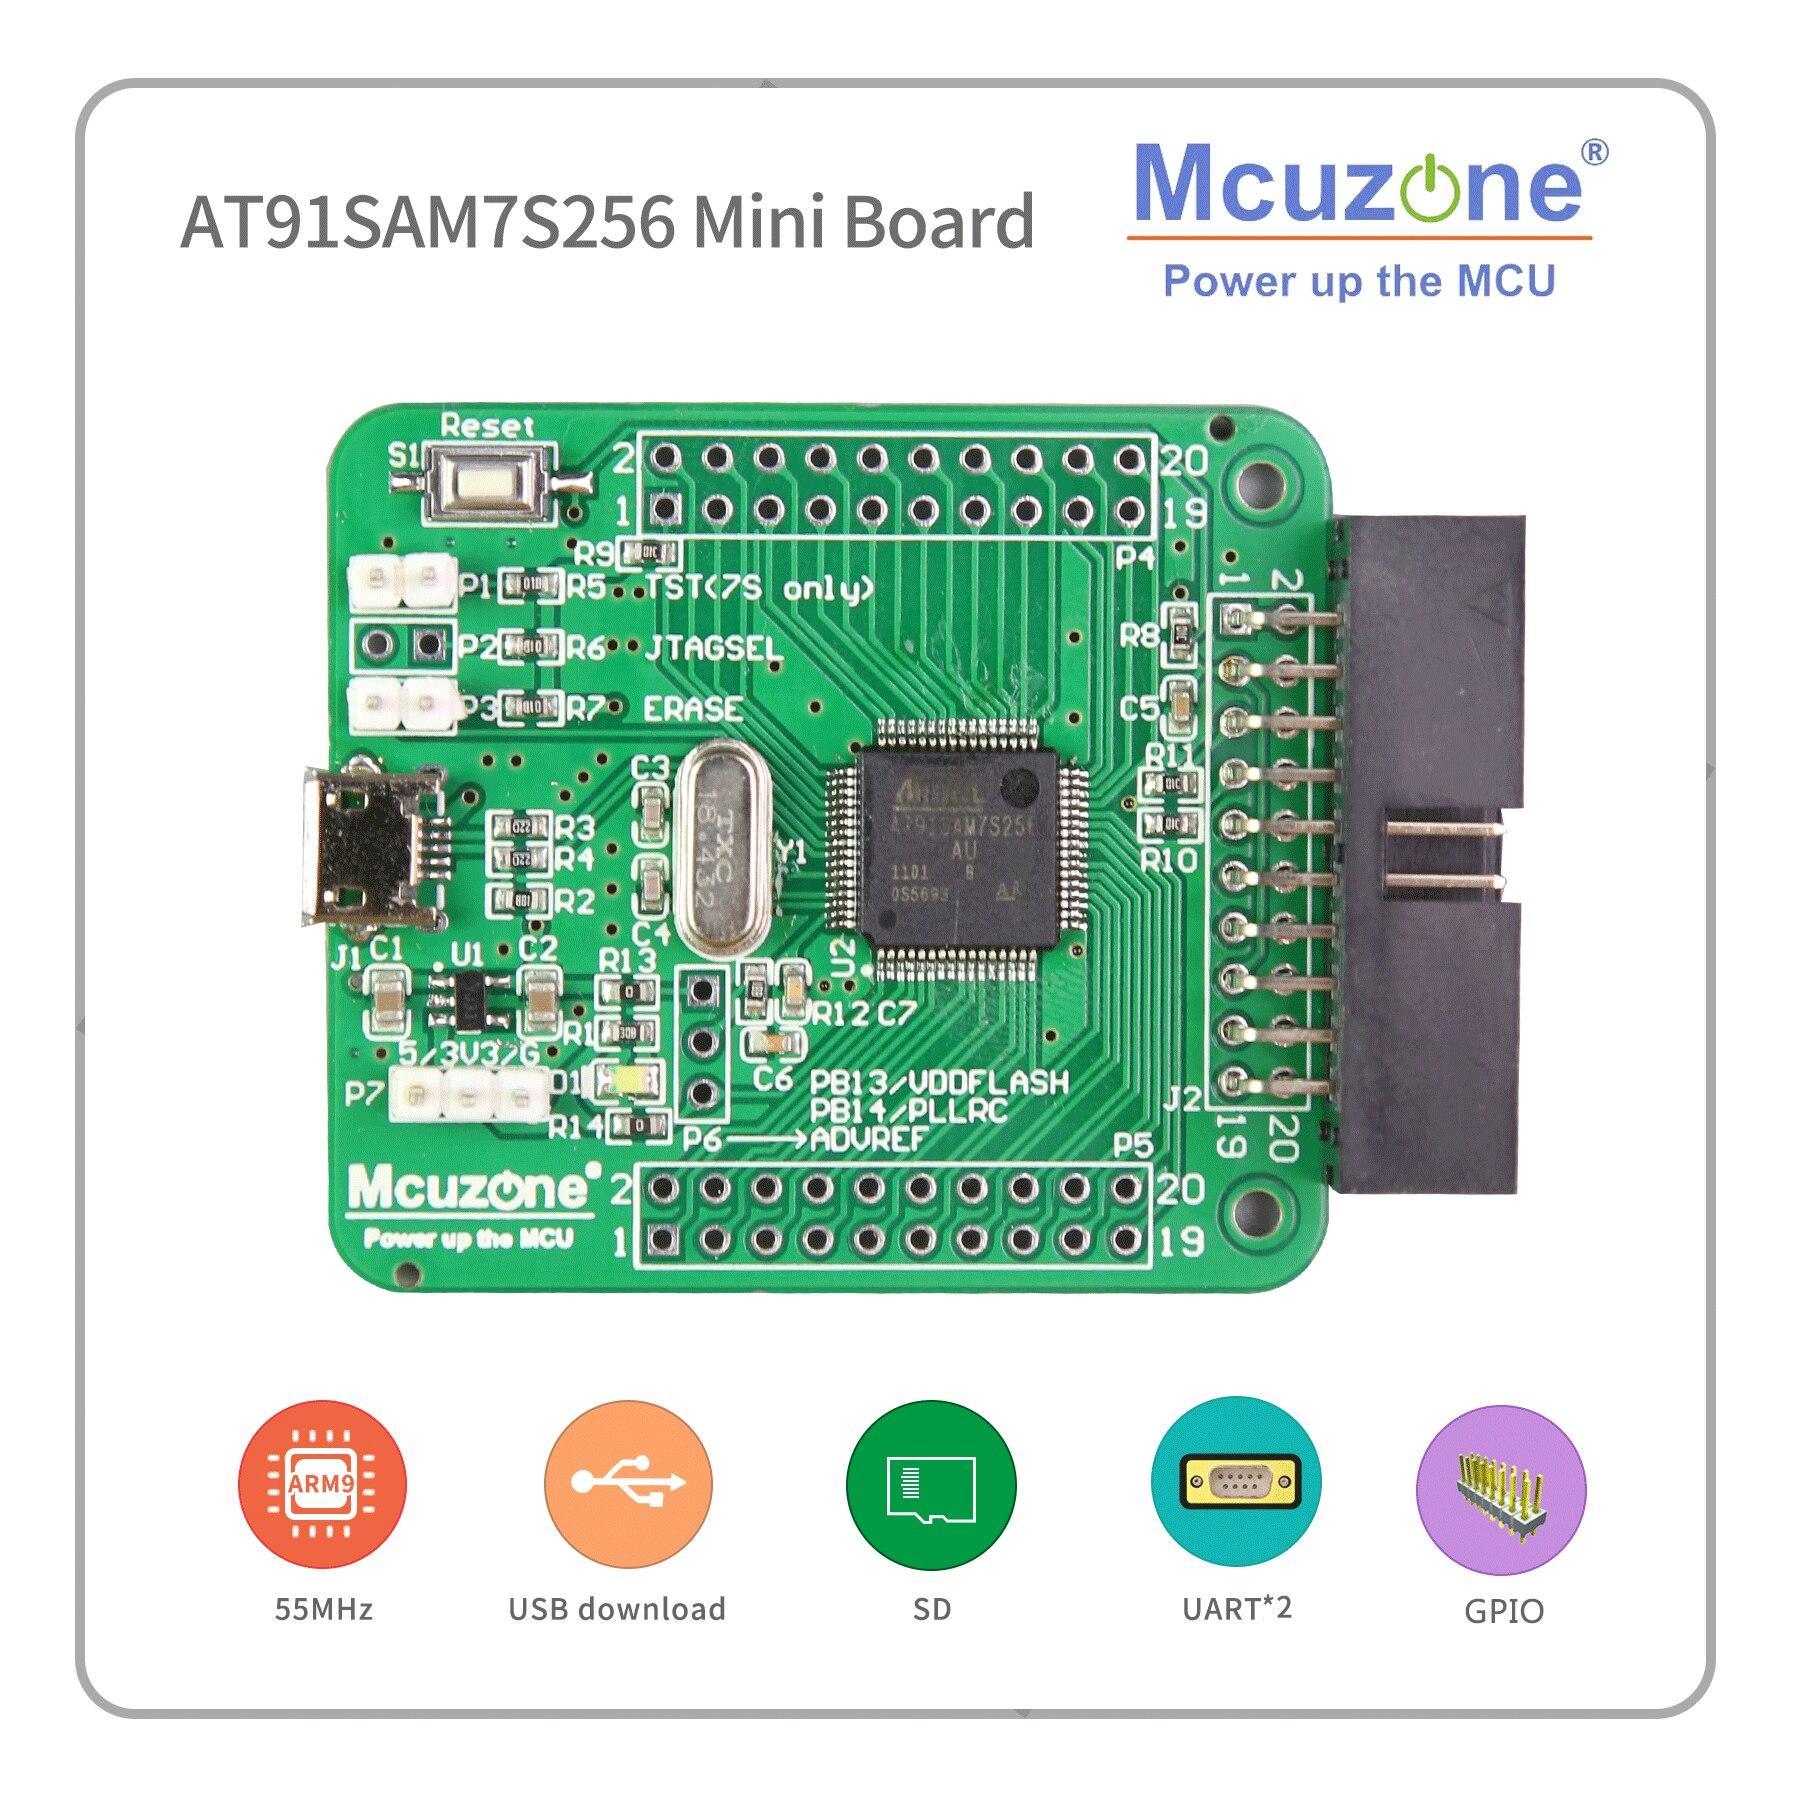 AT91SAM7S256 Mini Board (ARM7 Development Kit) 7S256 SAM7S256